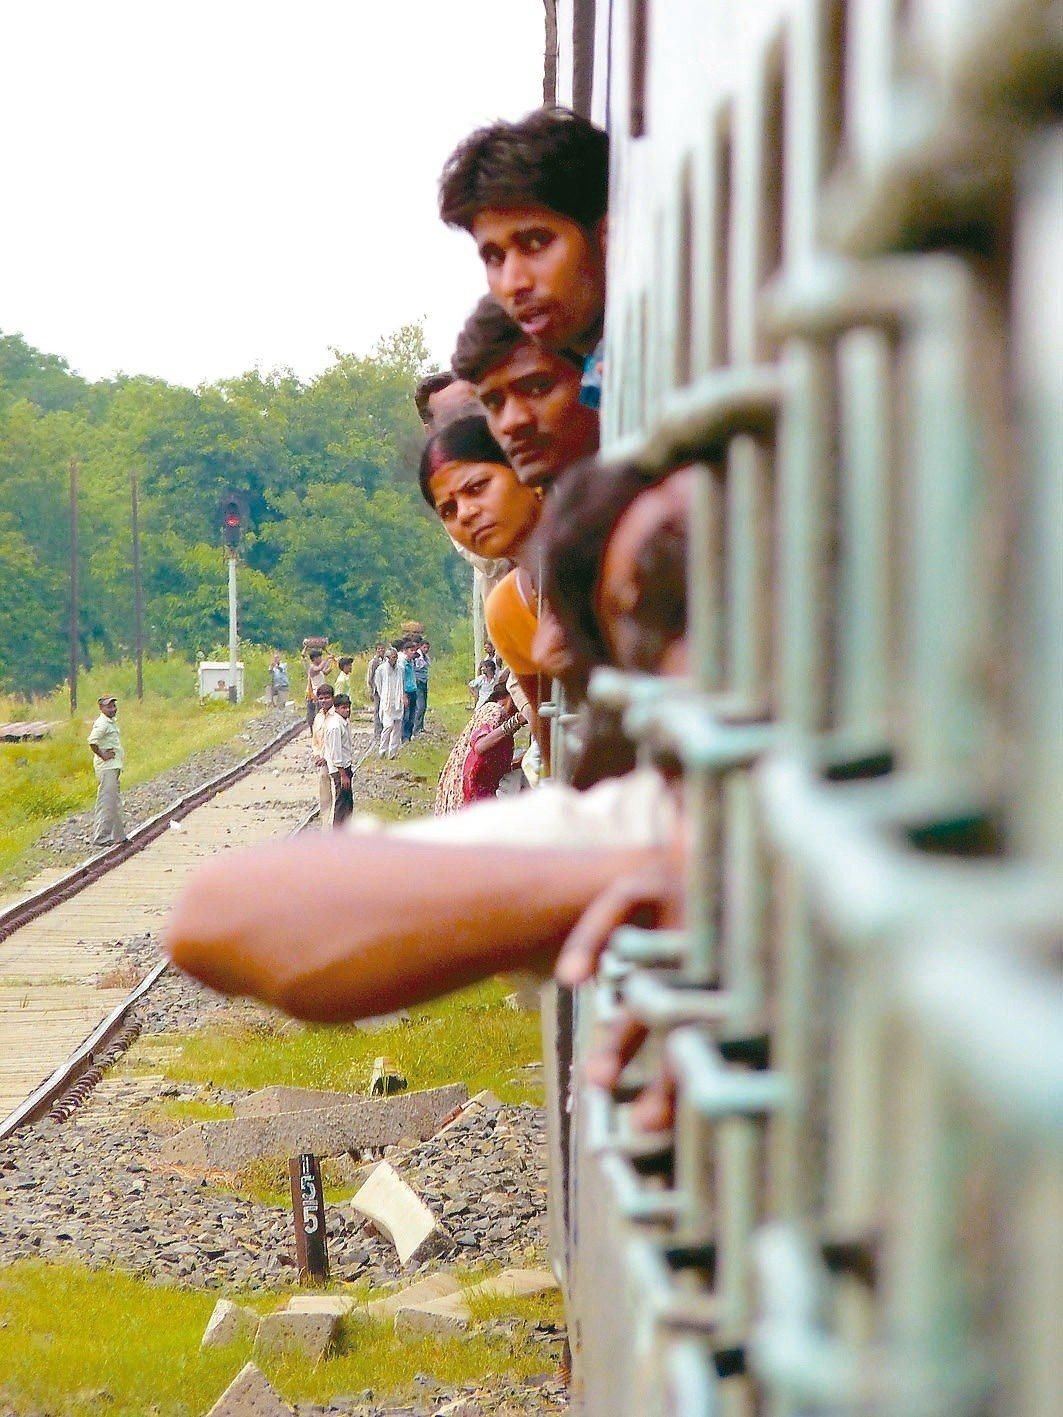 火車是印度的重要交通工具。 謝旺霖